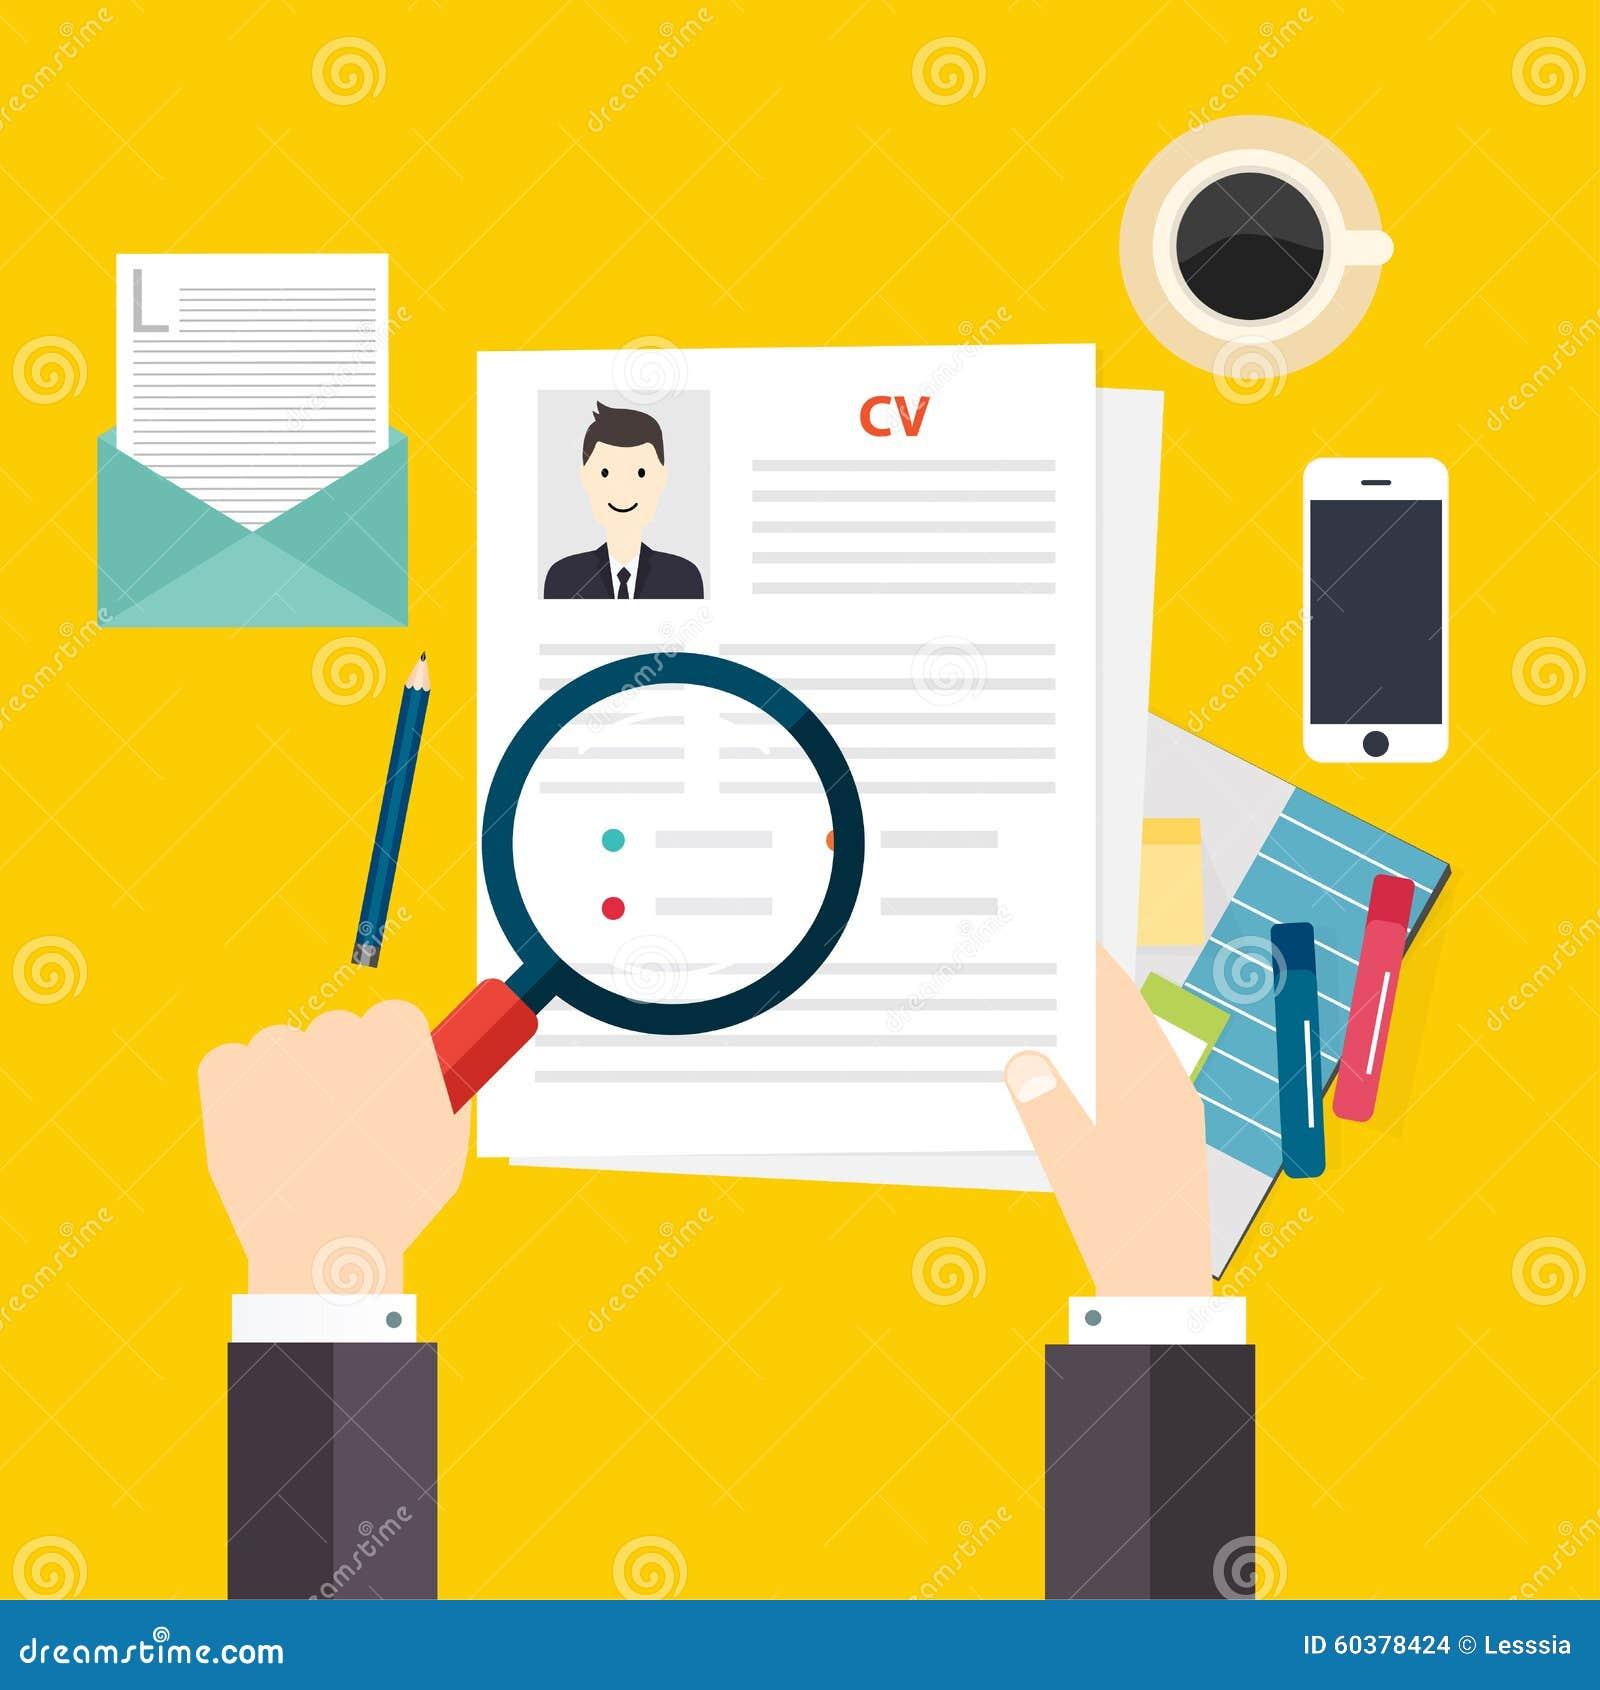 Curriculum Vitae Del CV Concepto De La Entrevista De Trabajo ...